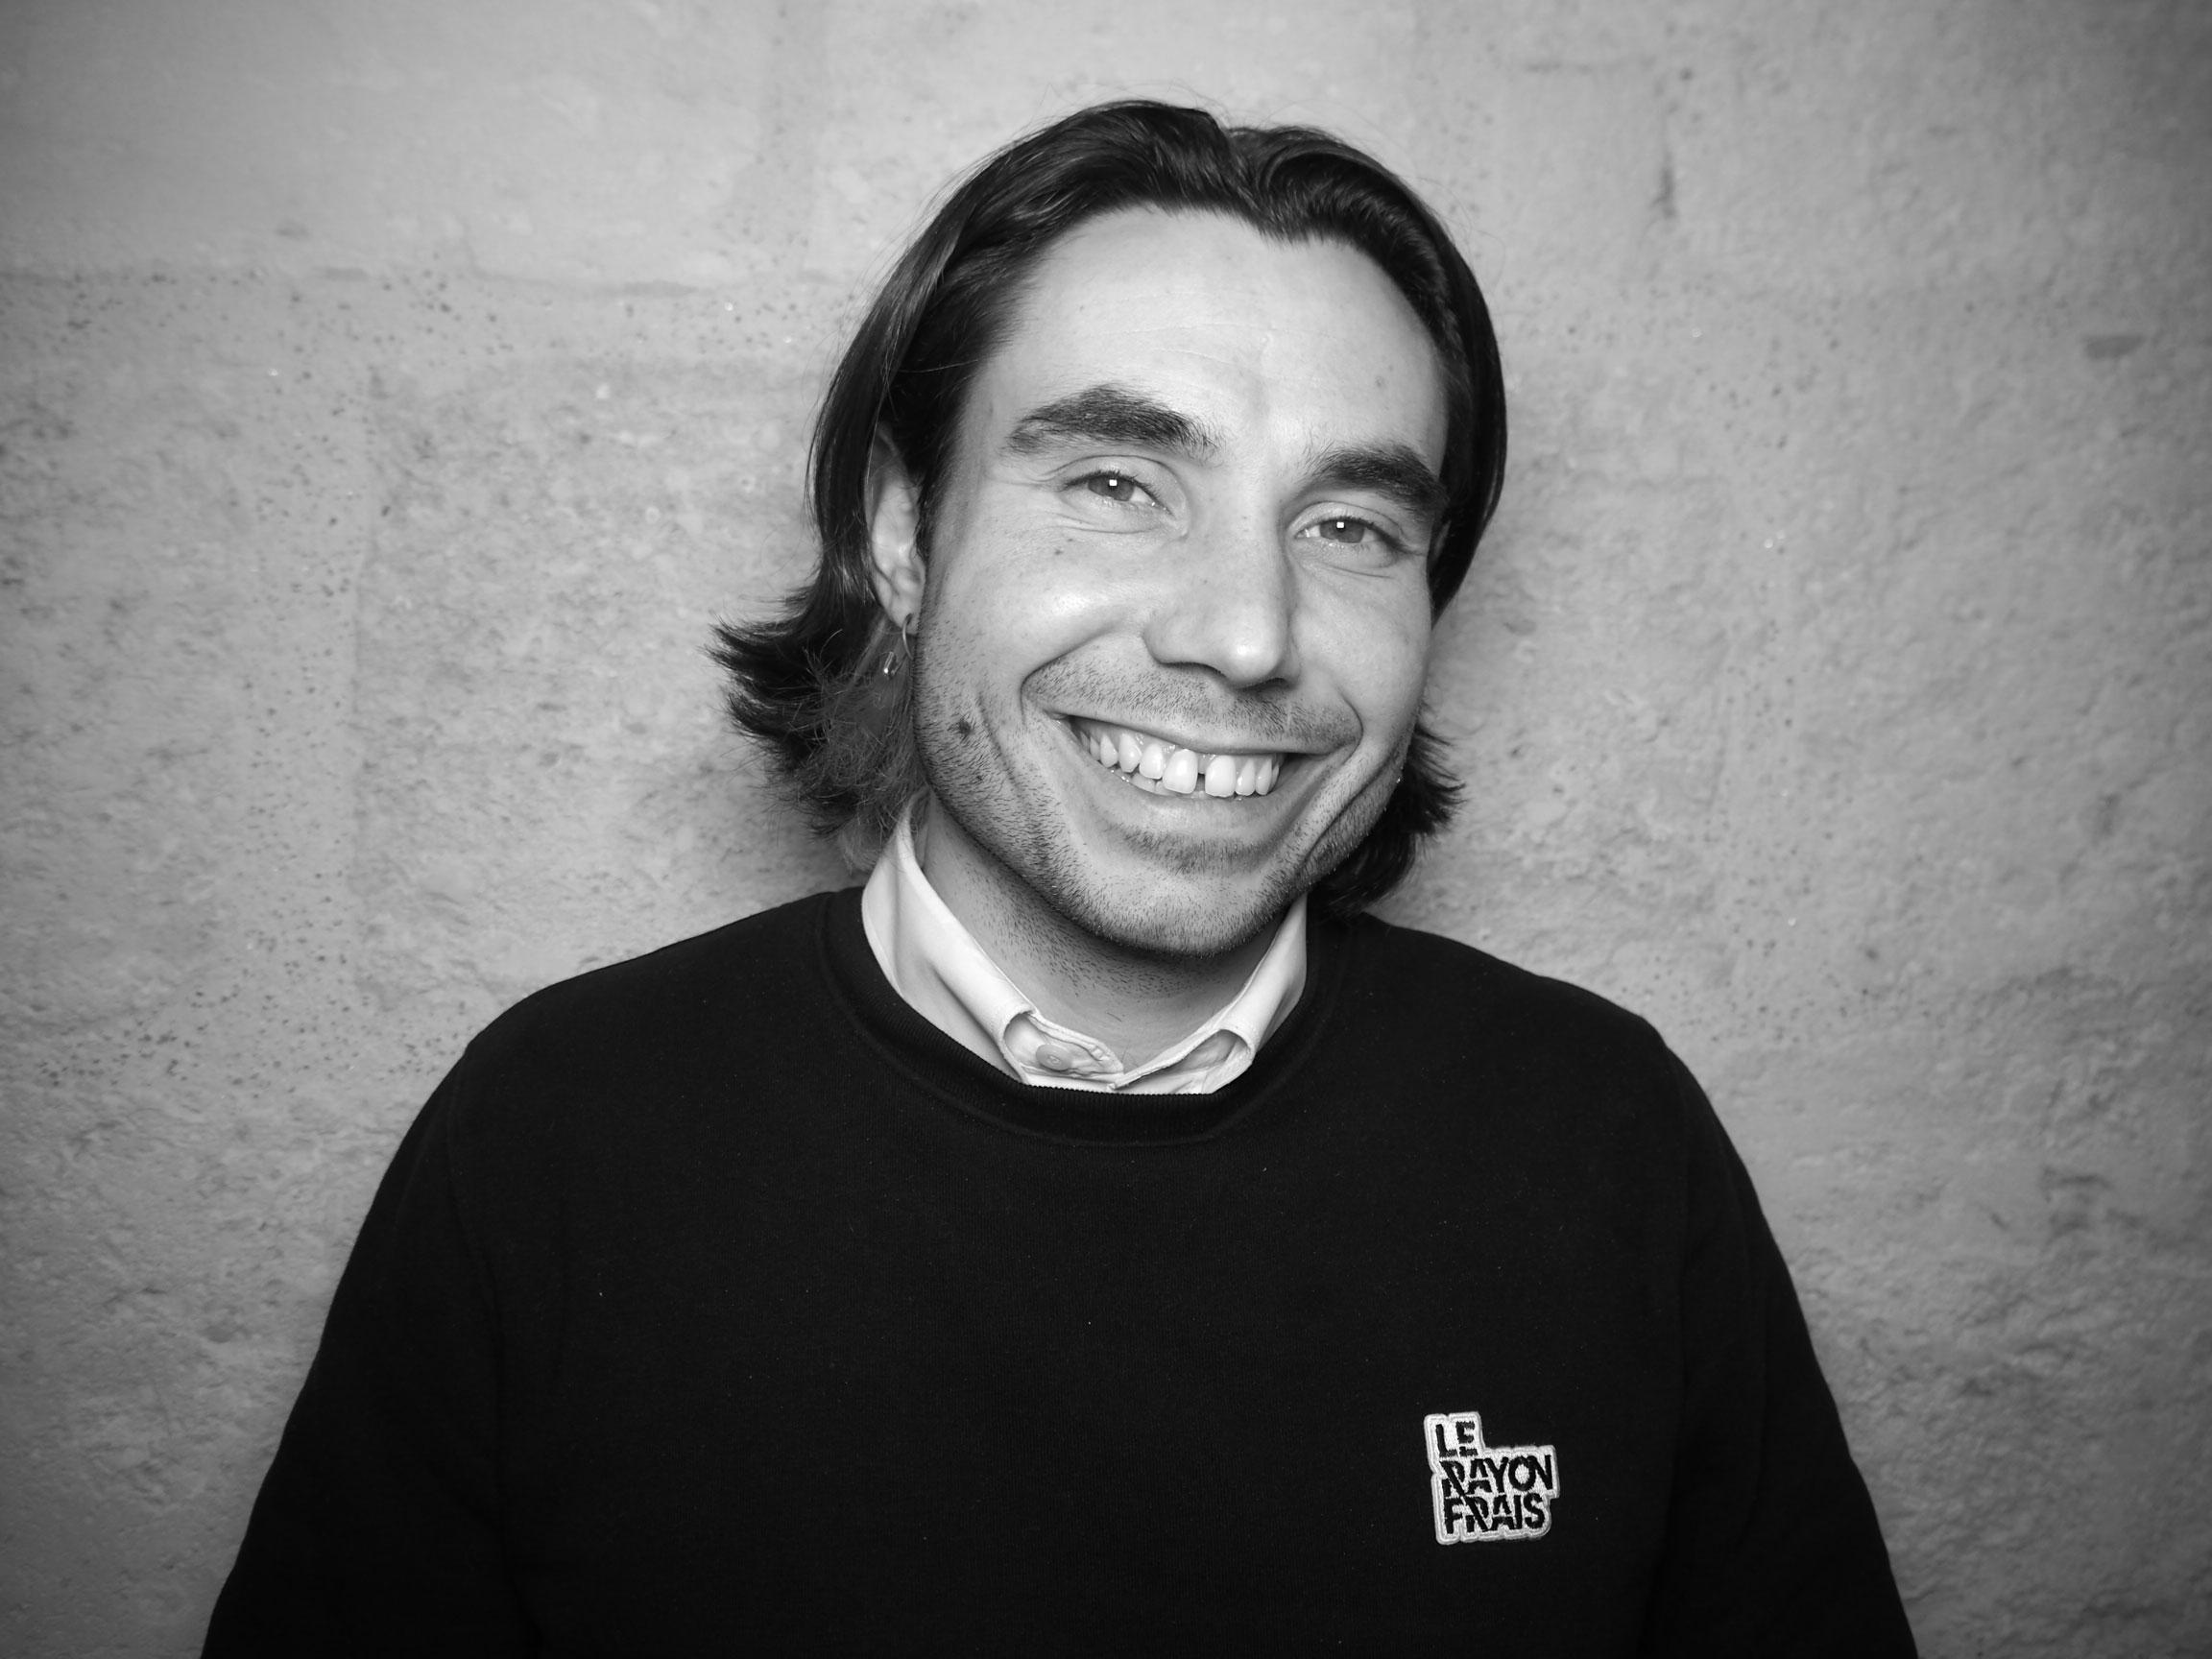 Pierre Curti